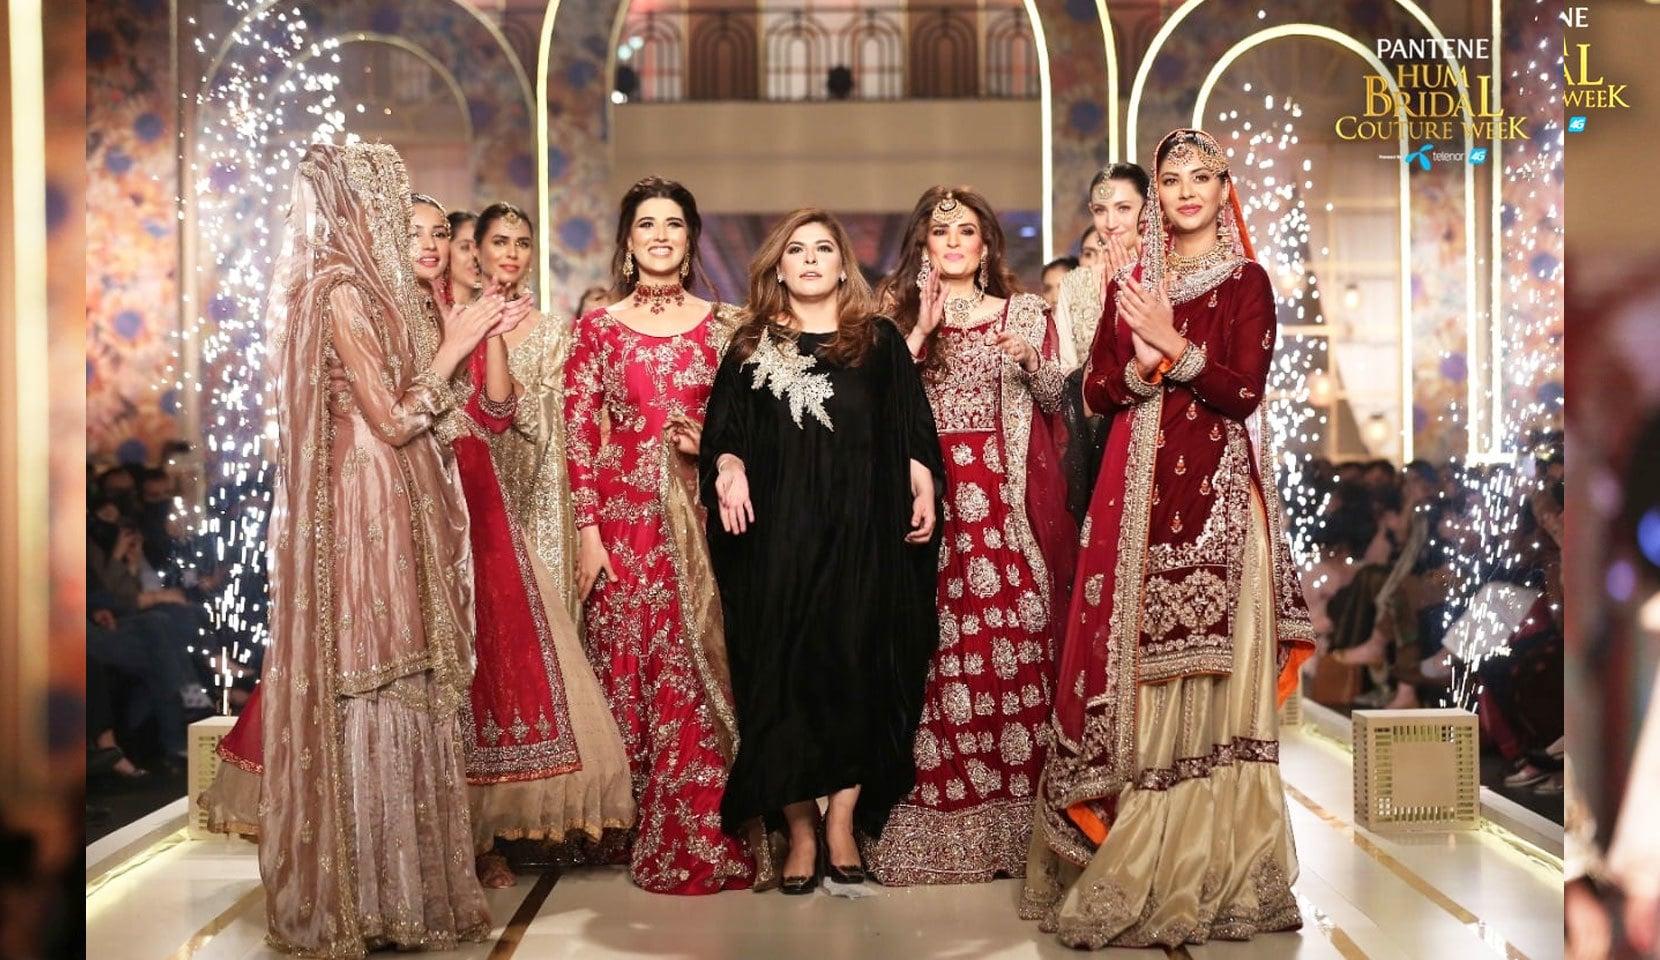 نسا حسین نے بھی دیدہ زیب عروسی ملبوسات پیش کیے